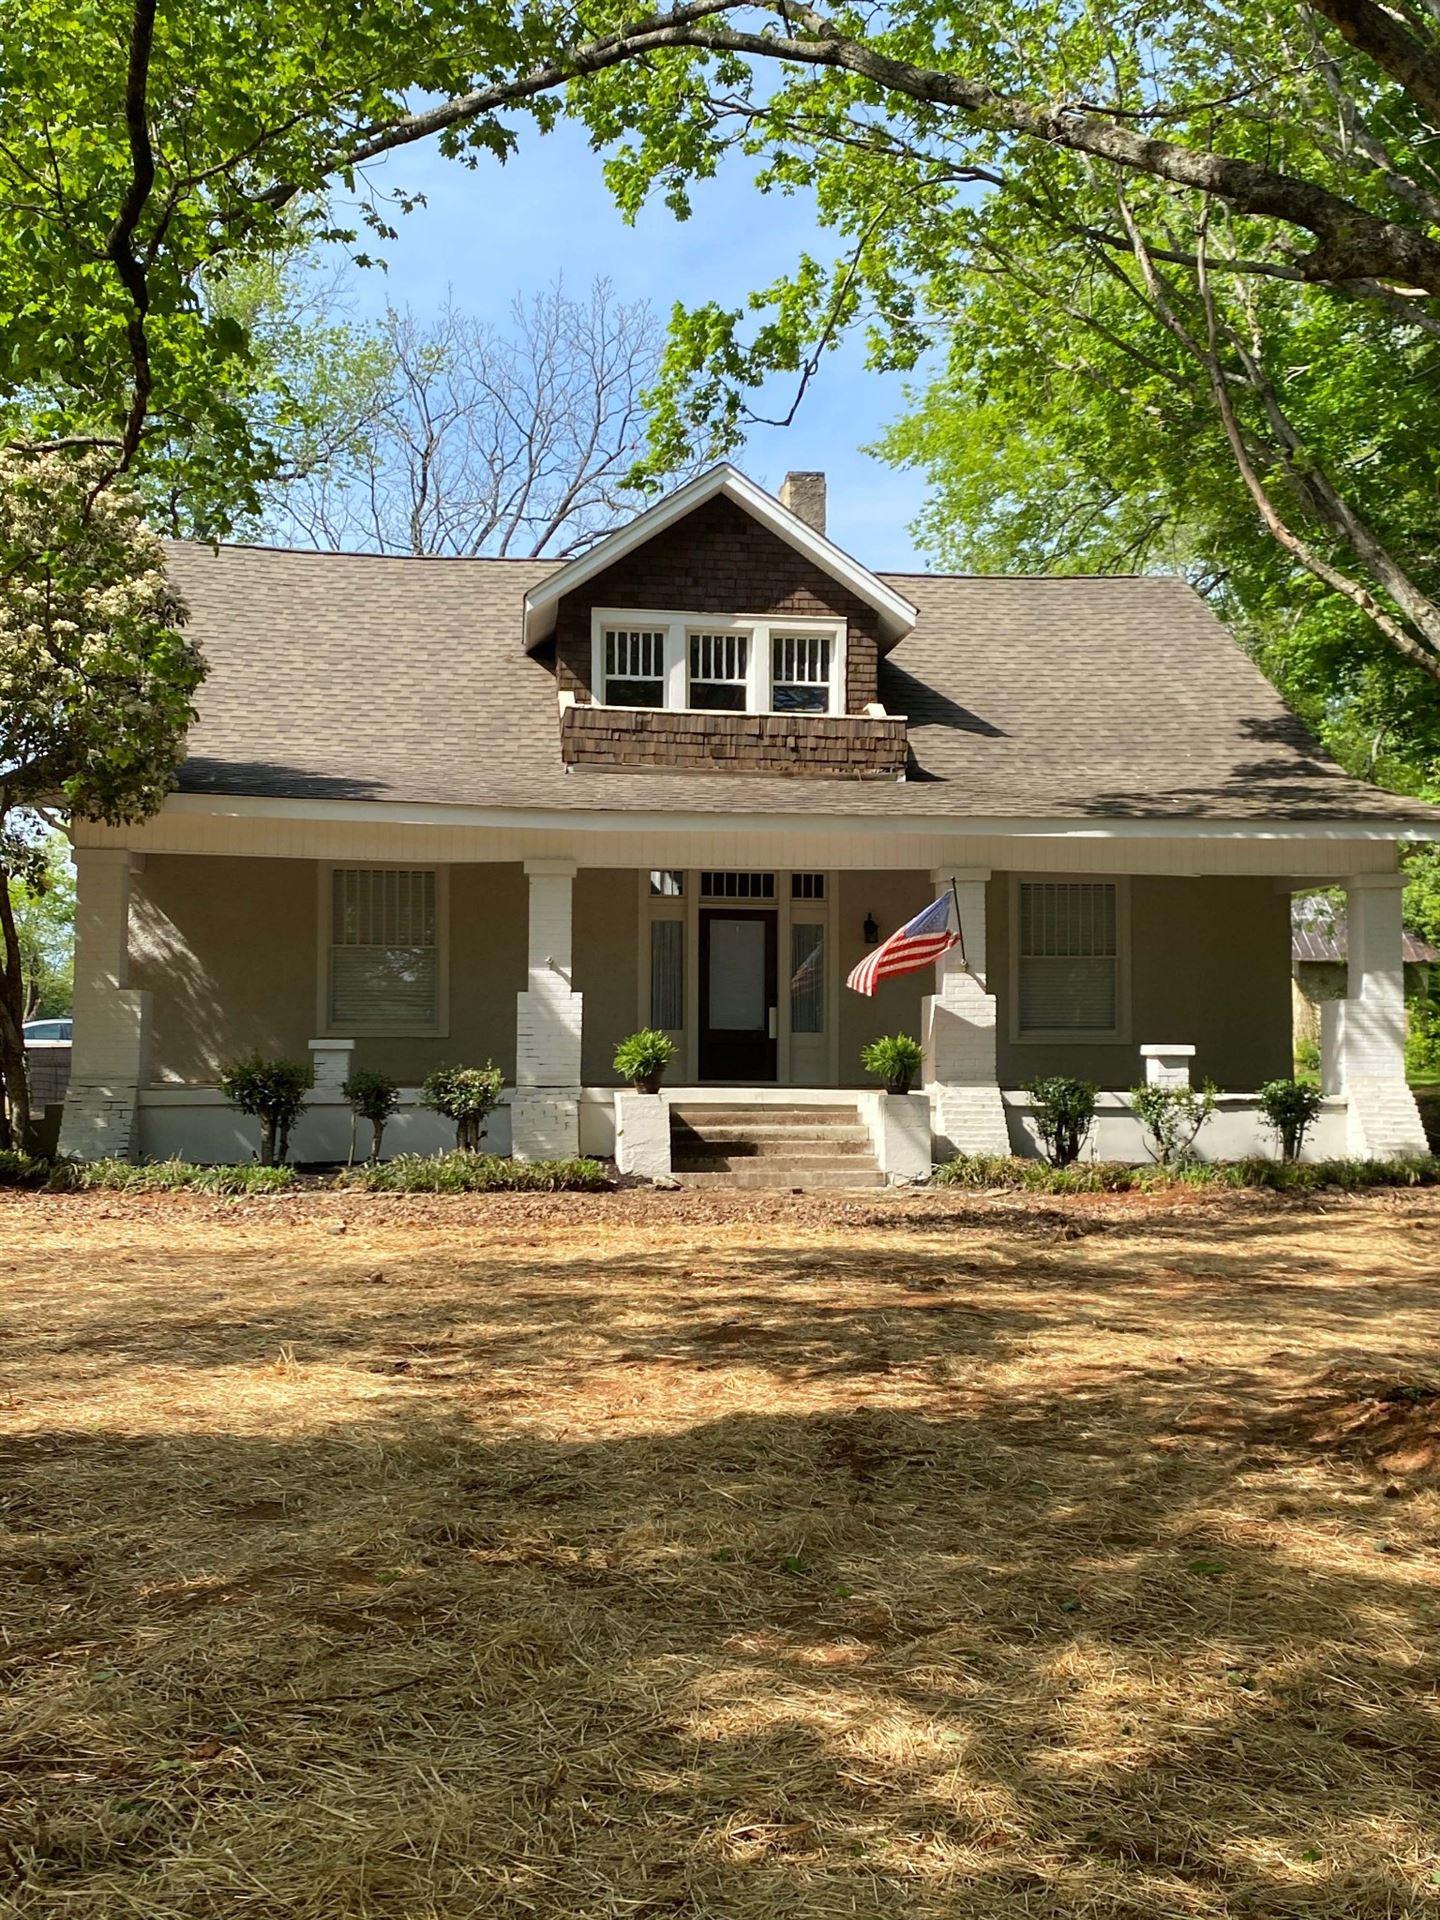 3138 Old Salem Rd, Murfreesboro, TN 37128 - MLS#: 2249361